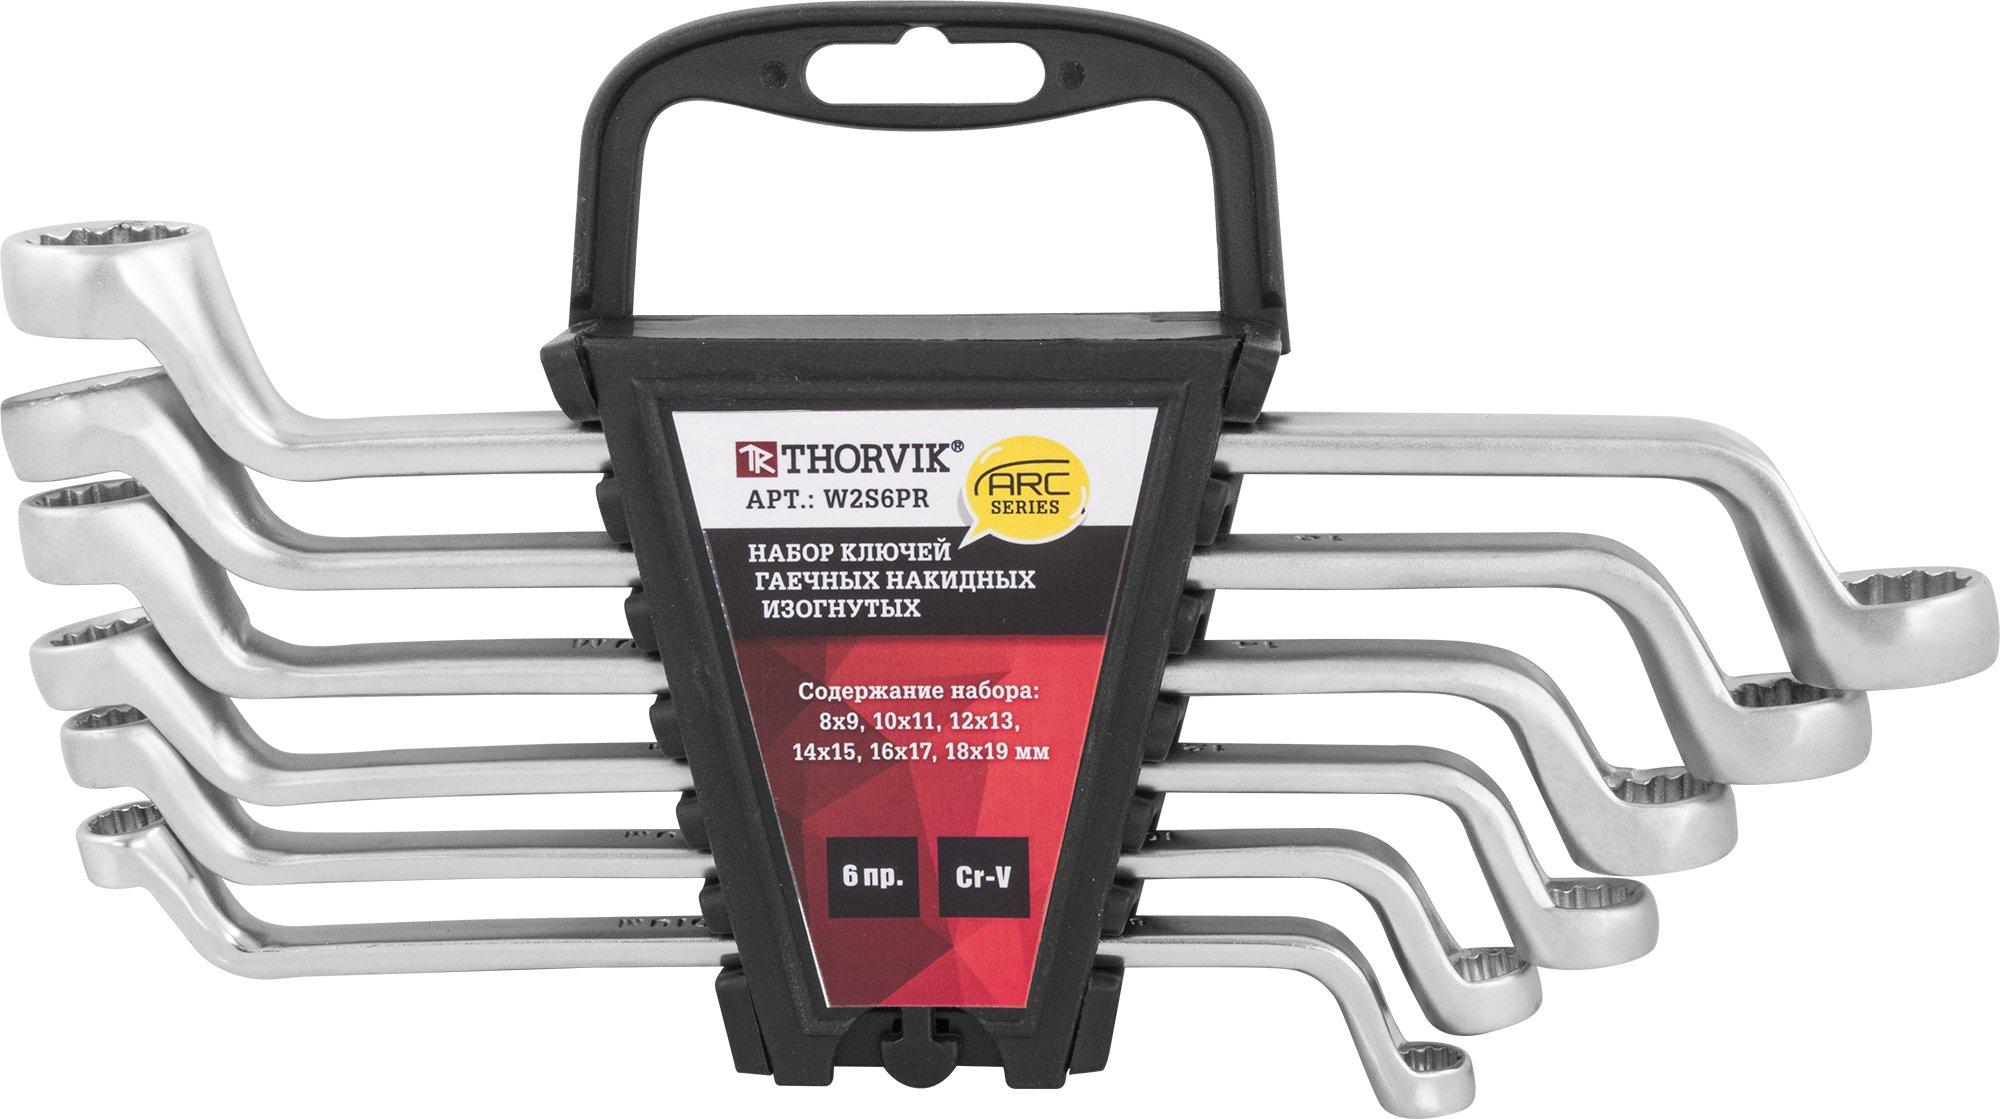 Набор ключей накидных на пластиковом держателе 8-19 мм, 6 предметов Thorvik THK-8857